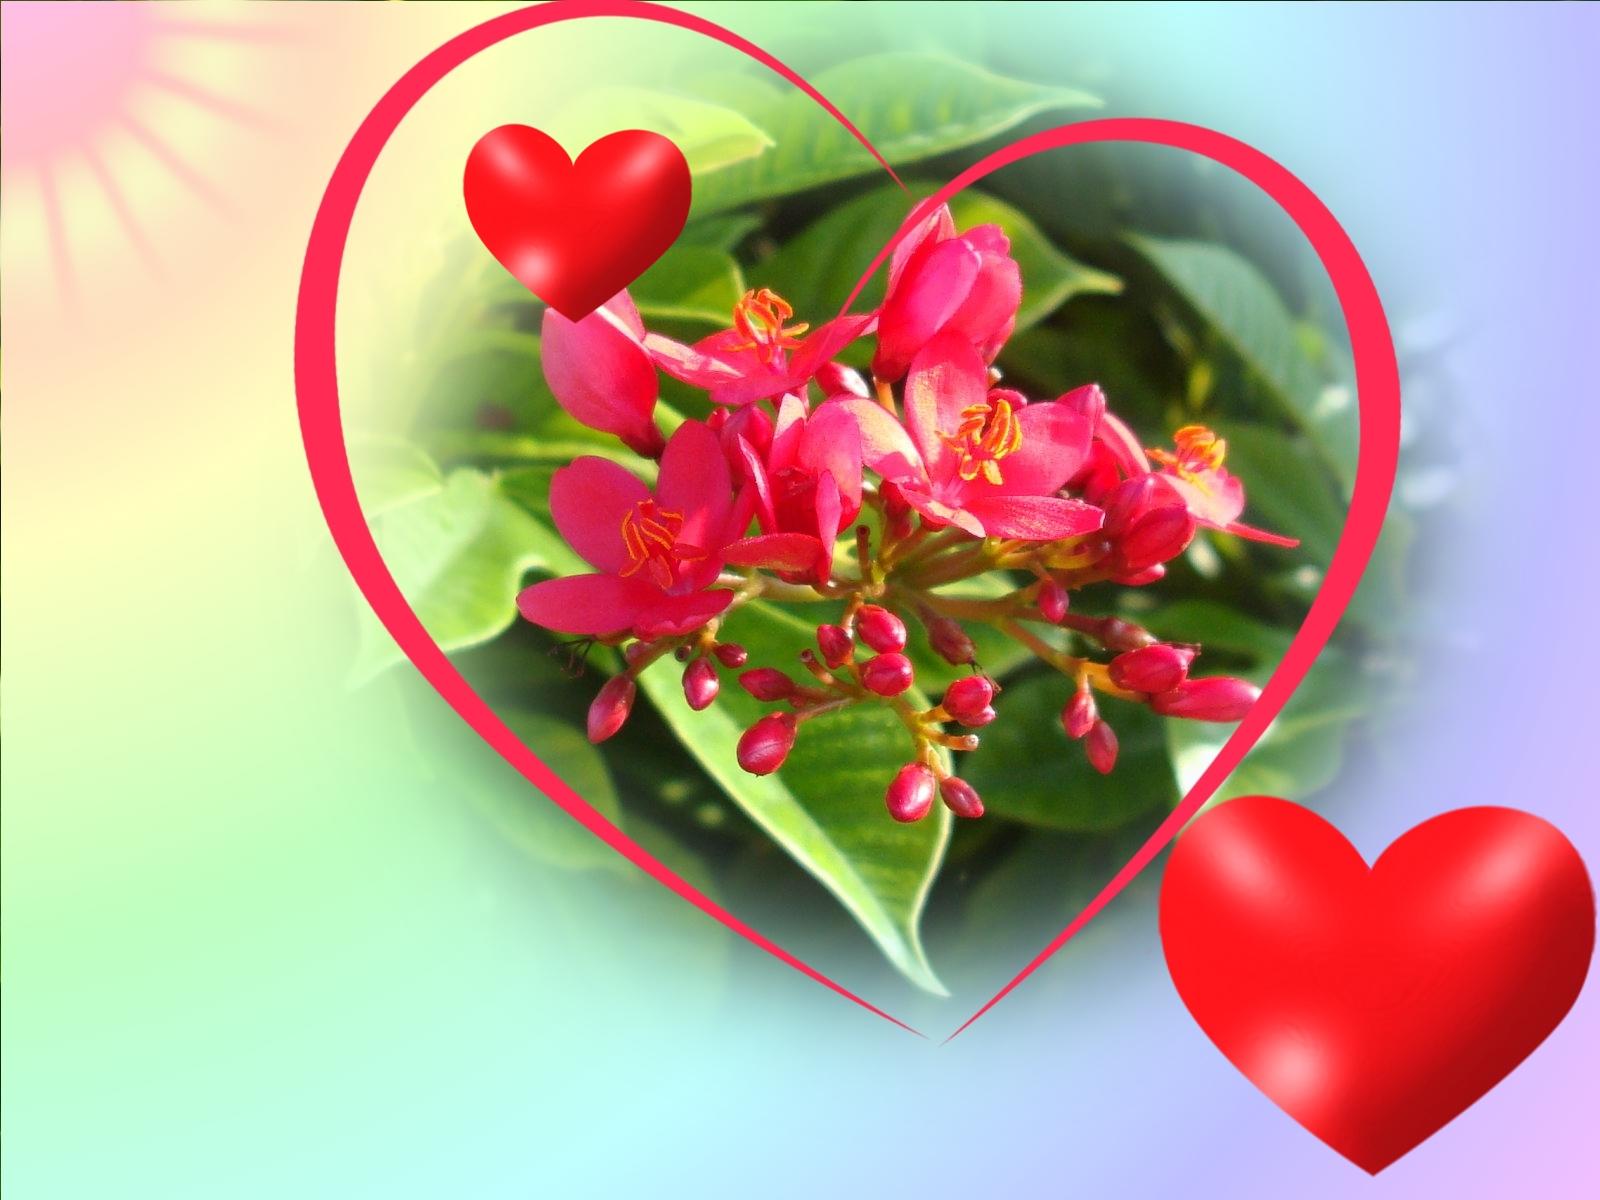 Fonds Dcran St Valentin Amour Coeurs Anges Et Fleurs